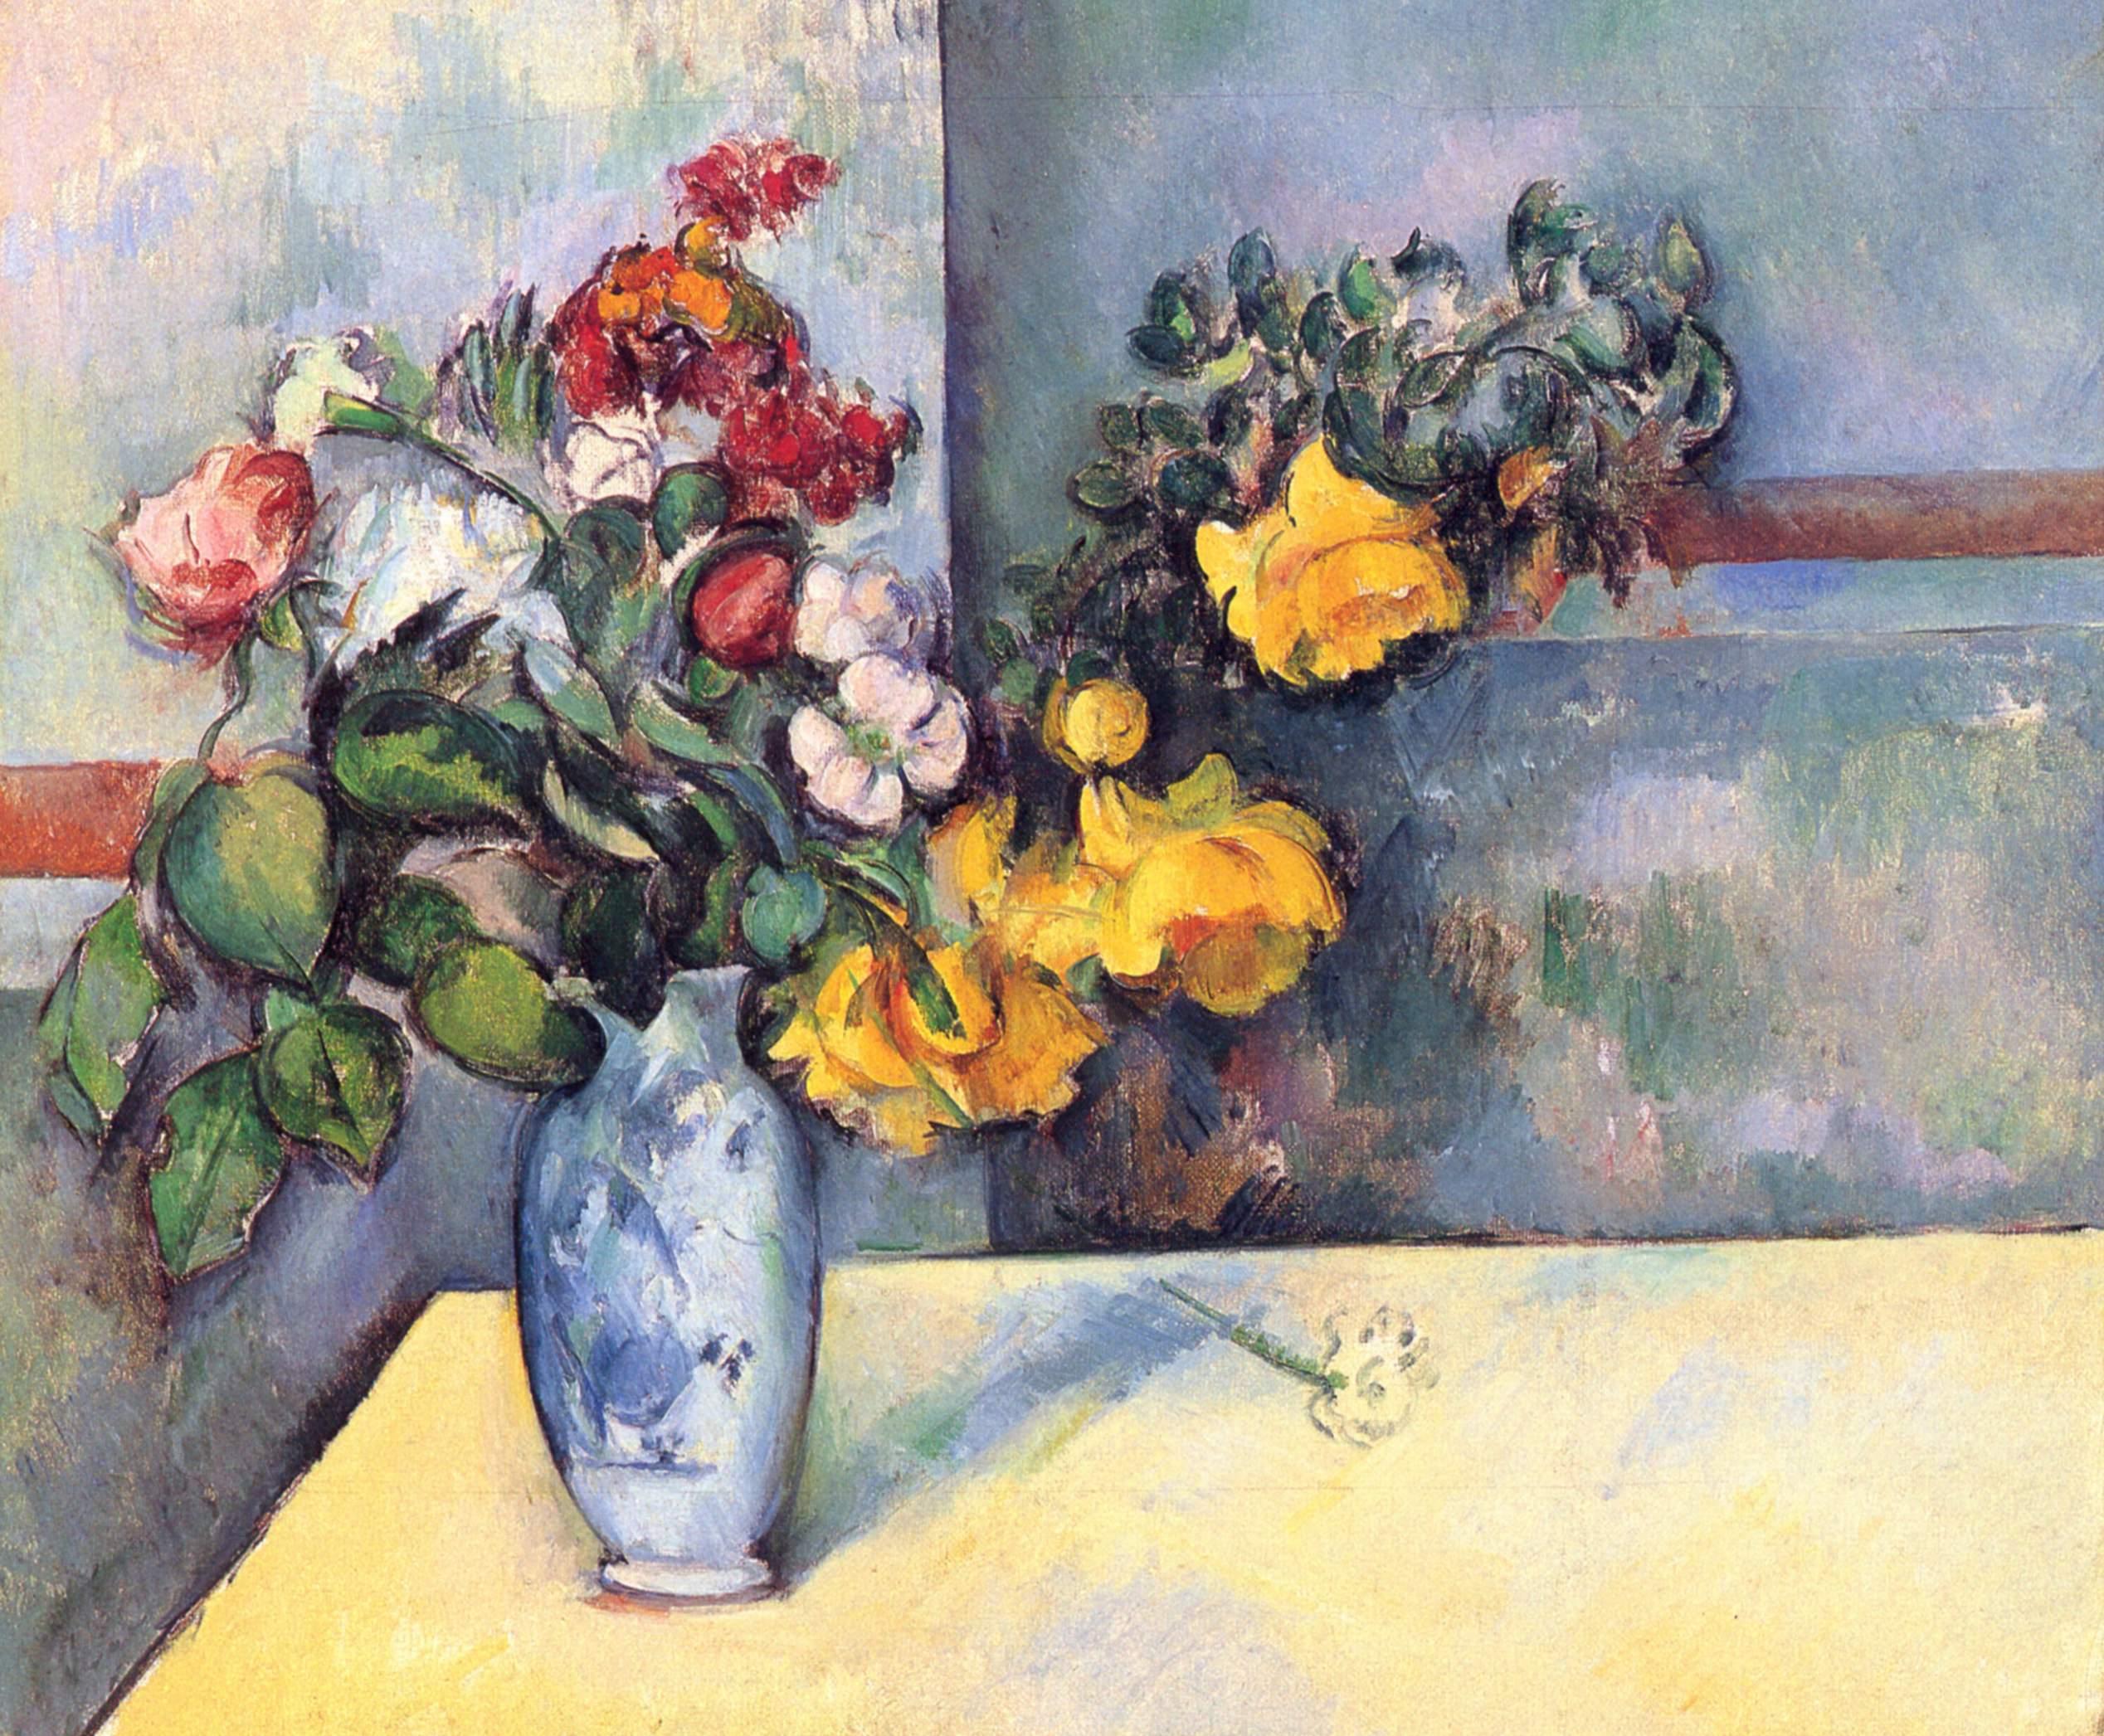 Поль Сезанн Натюрморт цветы в вазе. 1888г